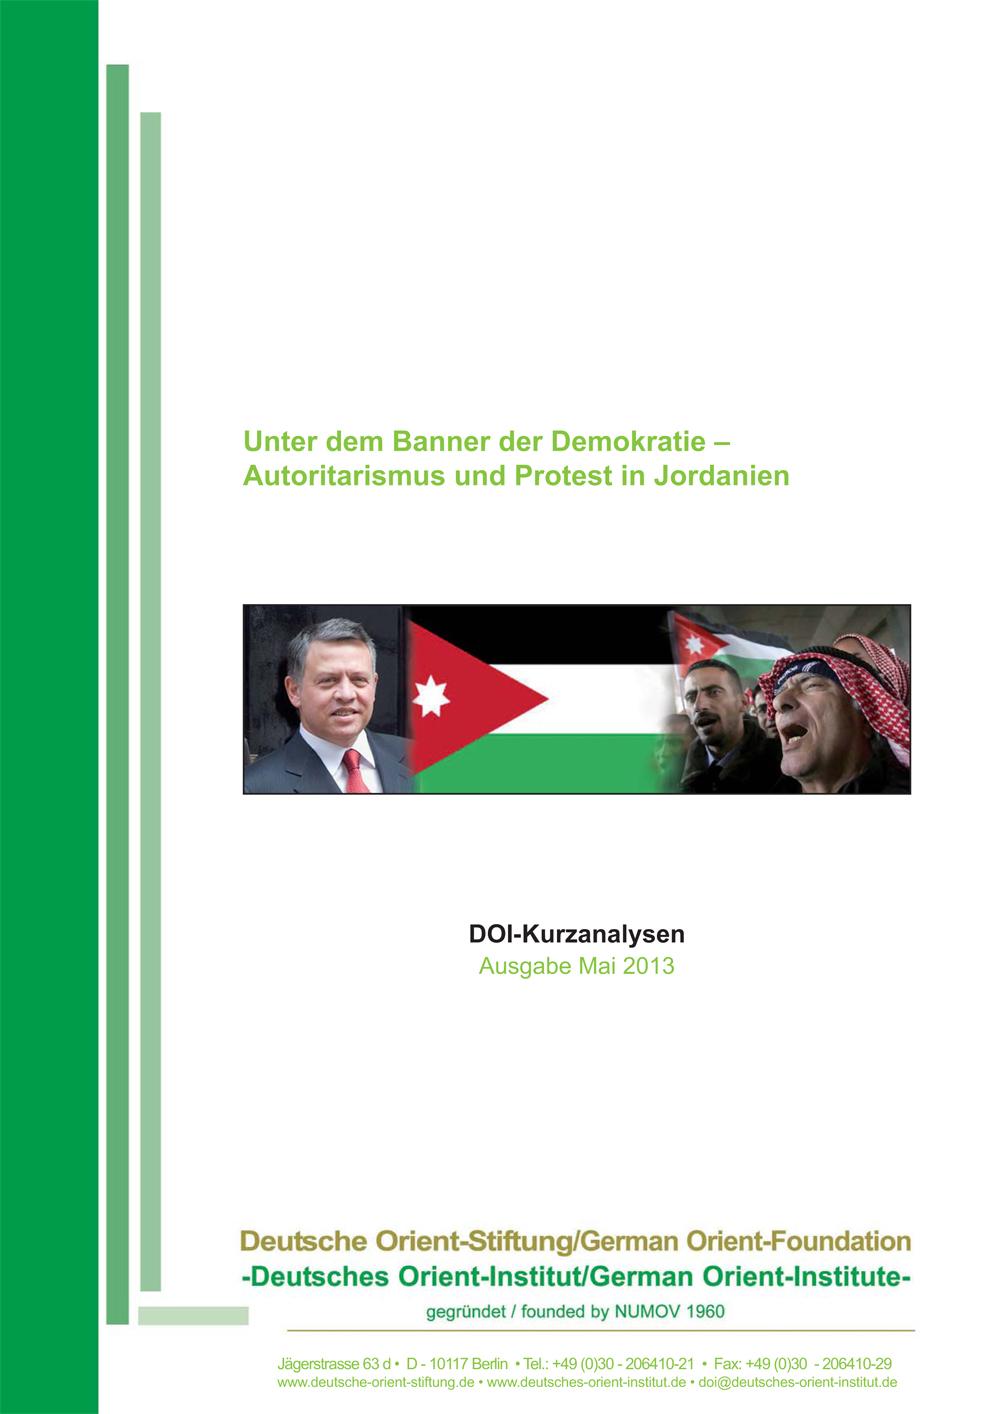 """Featured image for """"Unter dem Banner der Demokratie: Autoritarismus und Protest in Jordanien"""""""